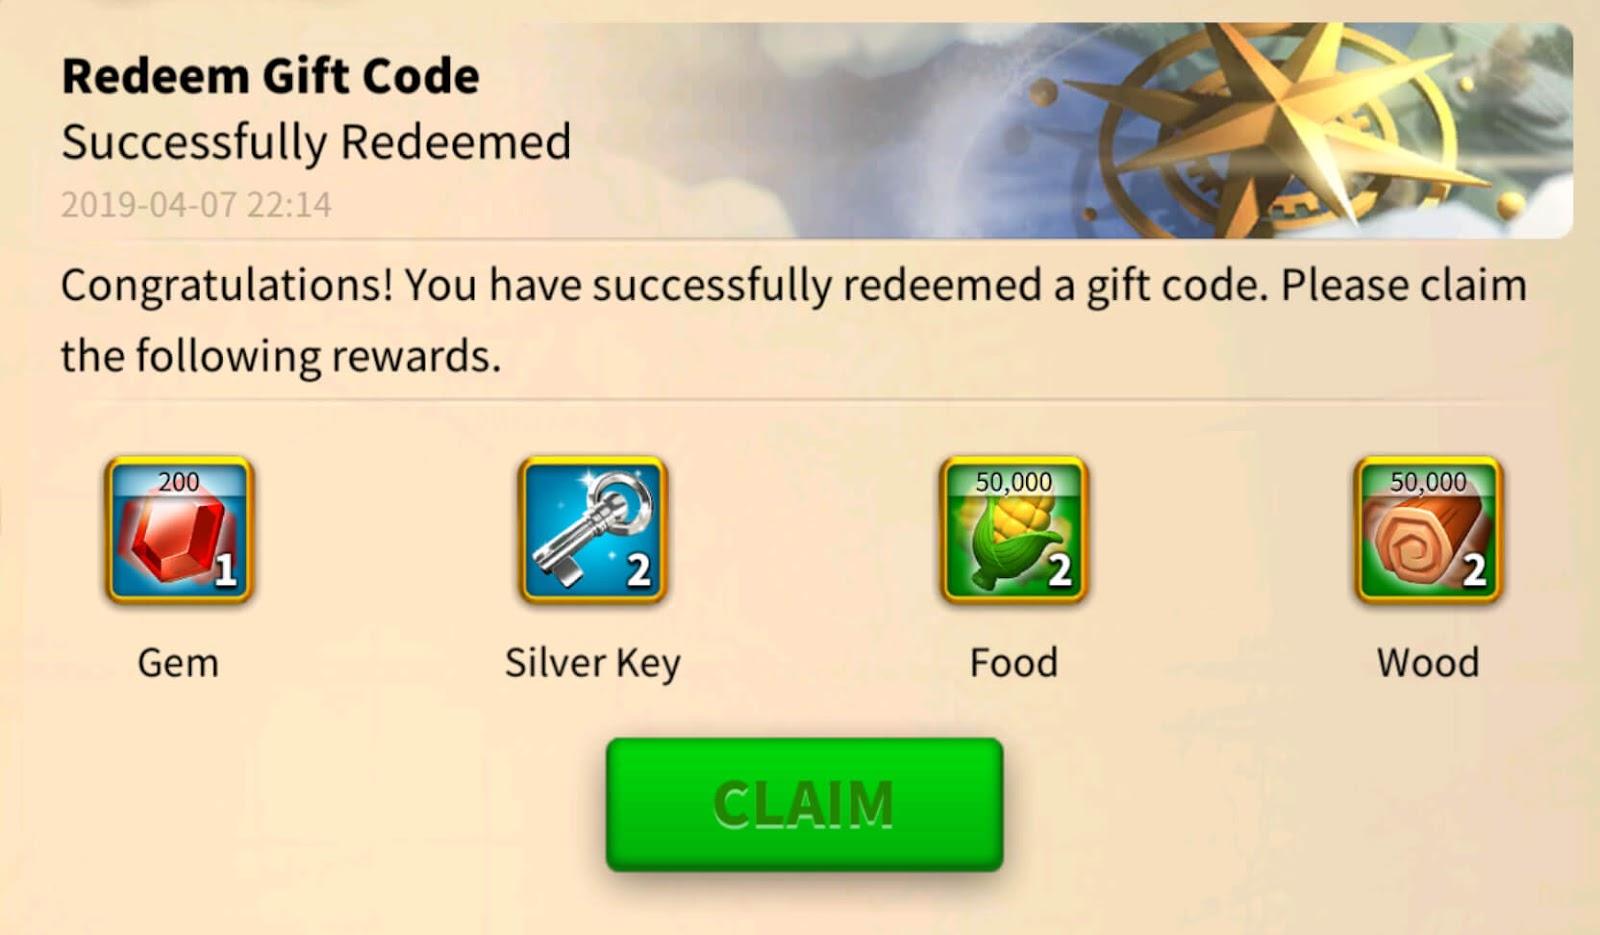 redeem gift code